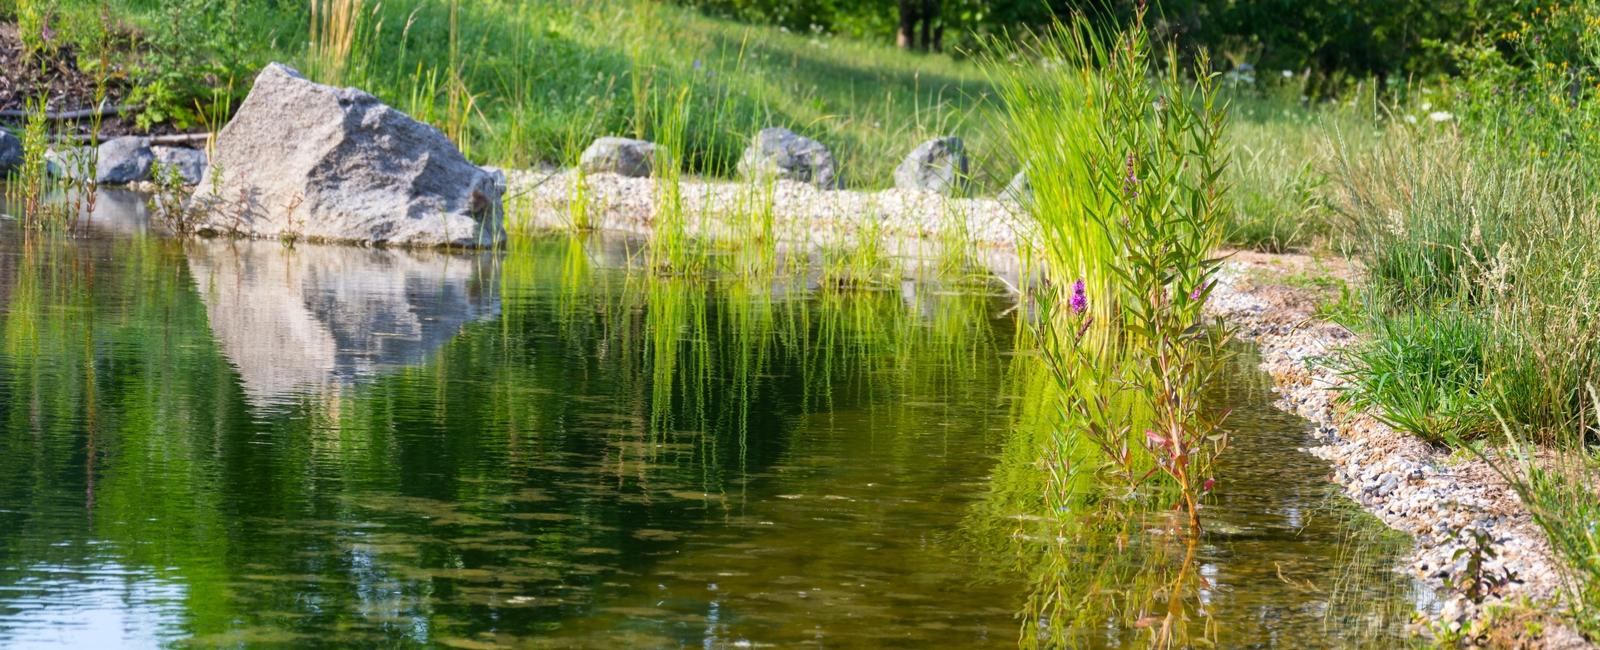 Comment installer une piscine ecologique ou naturelle prix co t devis - Piscine ecologique prix ...